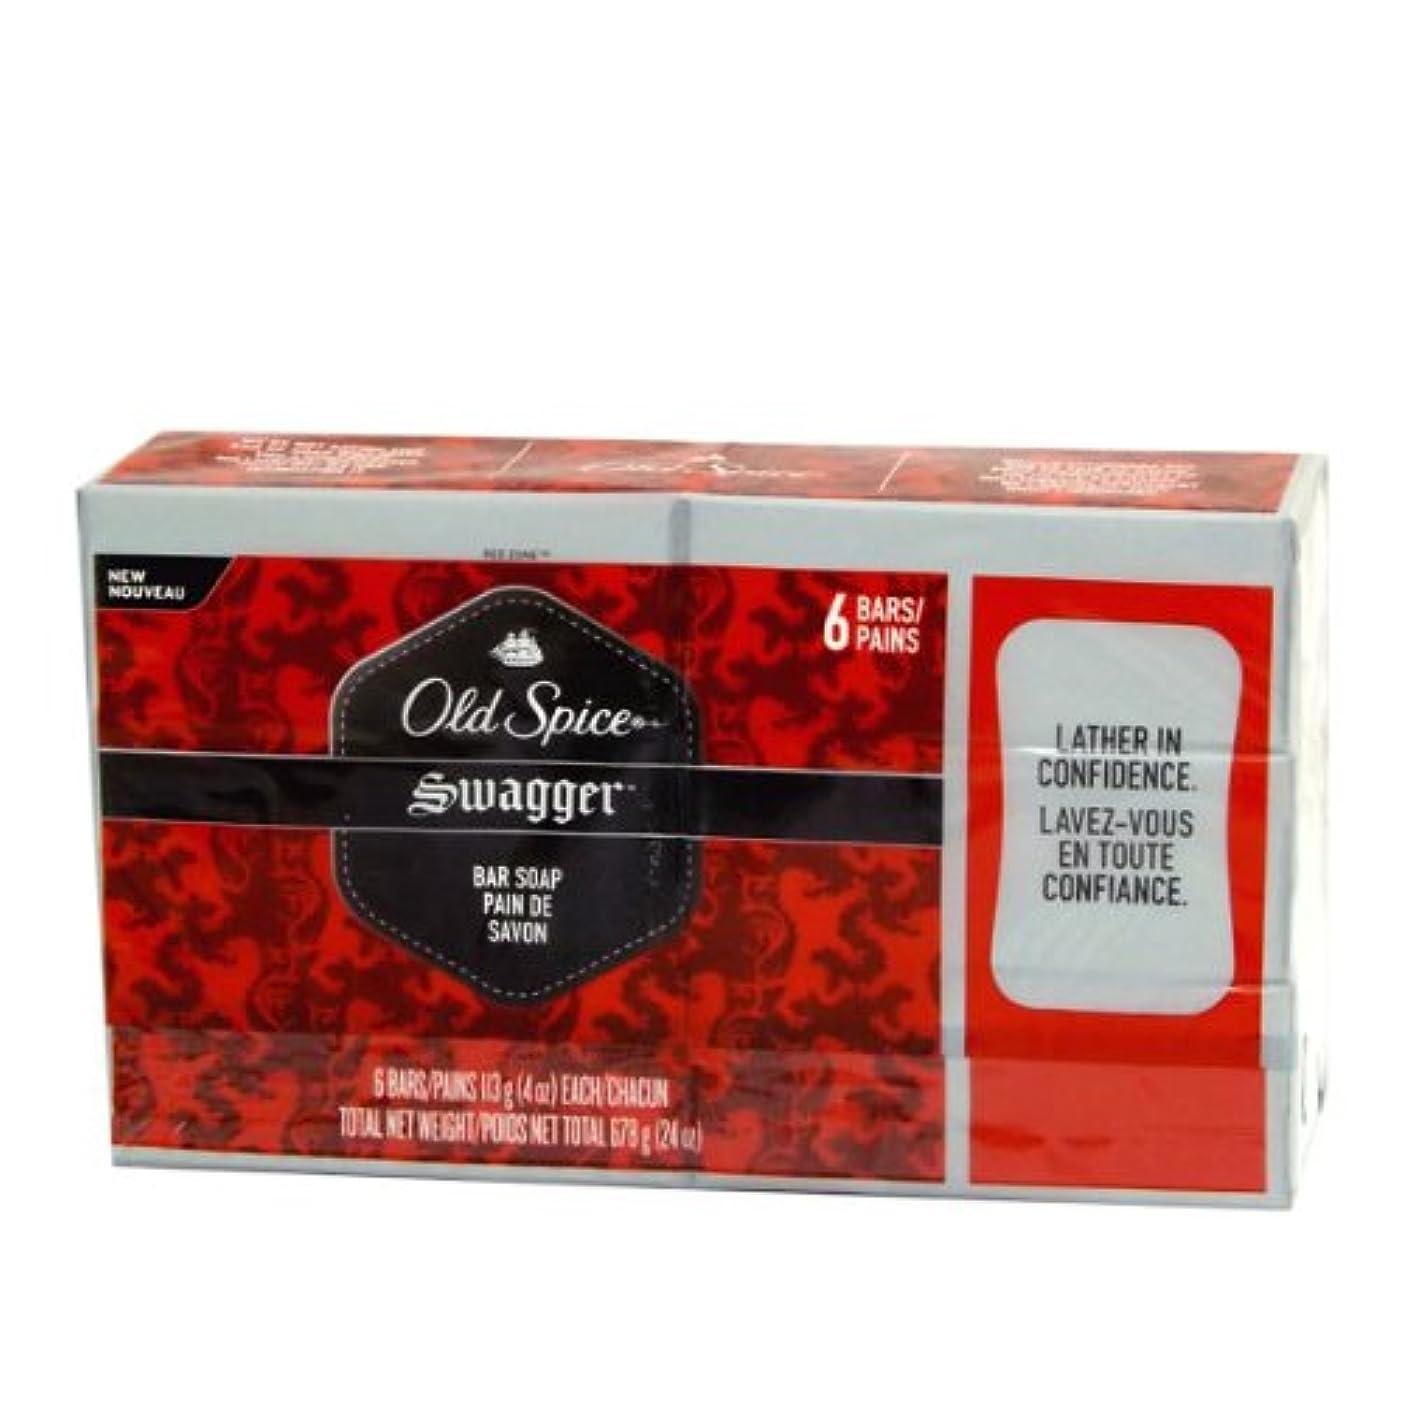 収穫ラインナップ財布Old spice bar soap swagger オールドスパイス バーソープ スワガー (石鹸) 6個パック [並行輸入品]